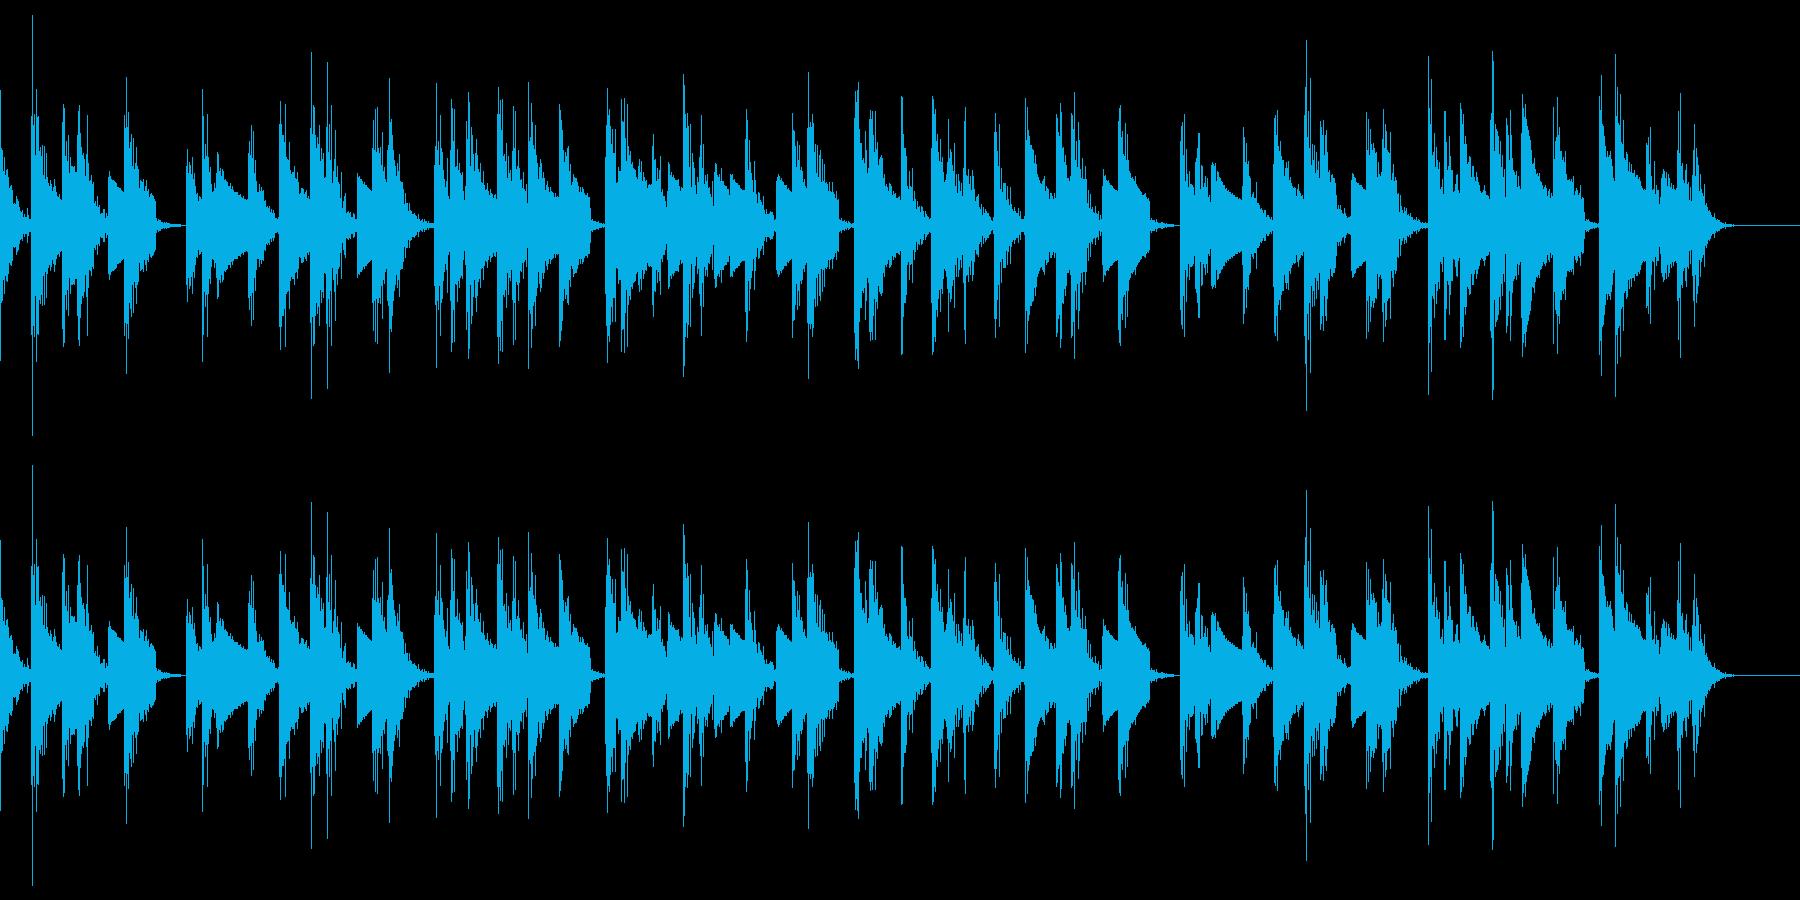 おしゃれでピアノテイストのBGMの再生済みの波形